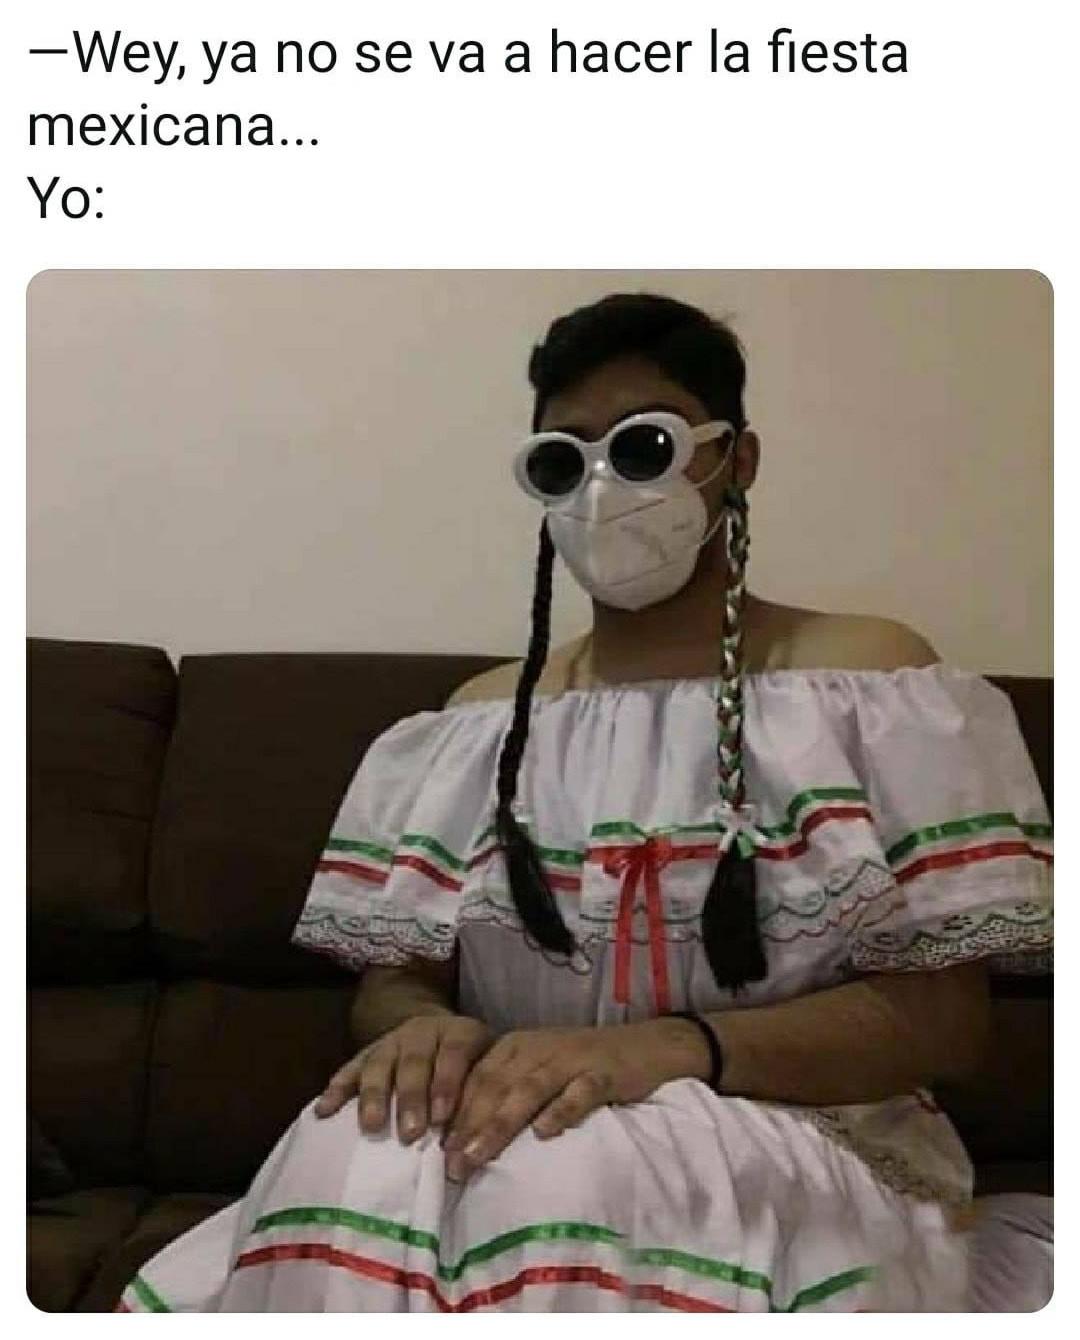 Wey, ya no se va a hacer la fiesta mexicana...  Yo: